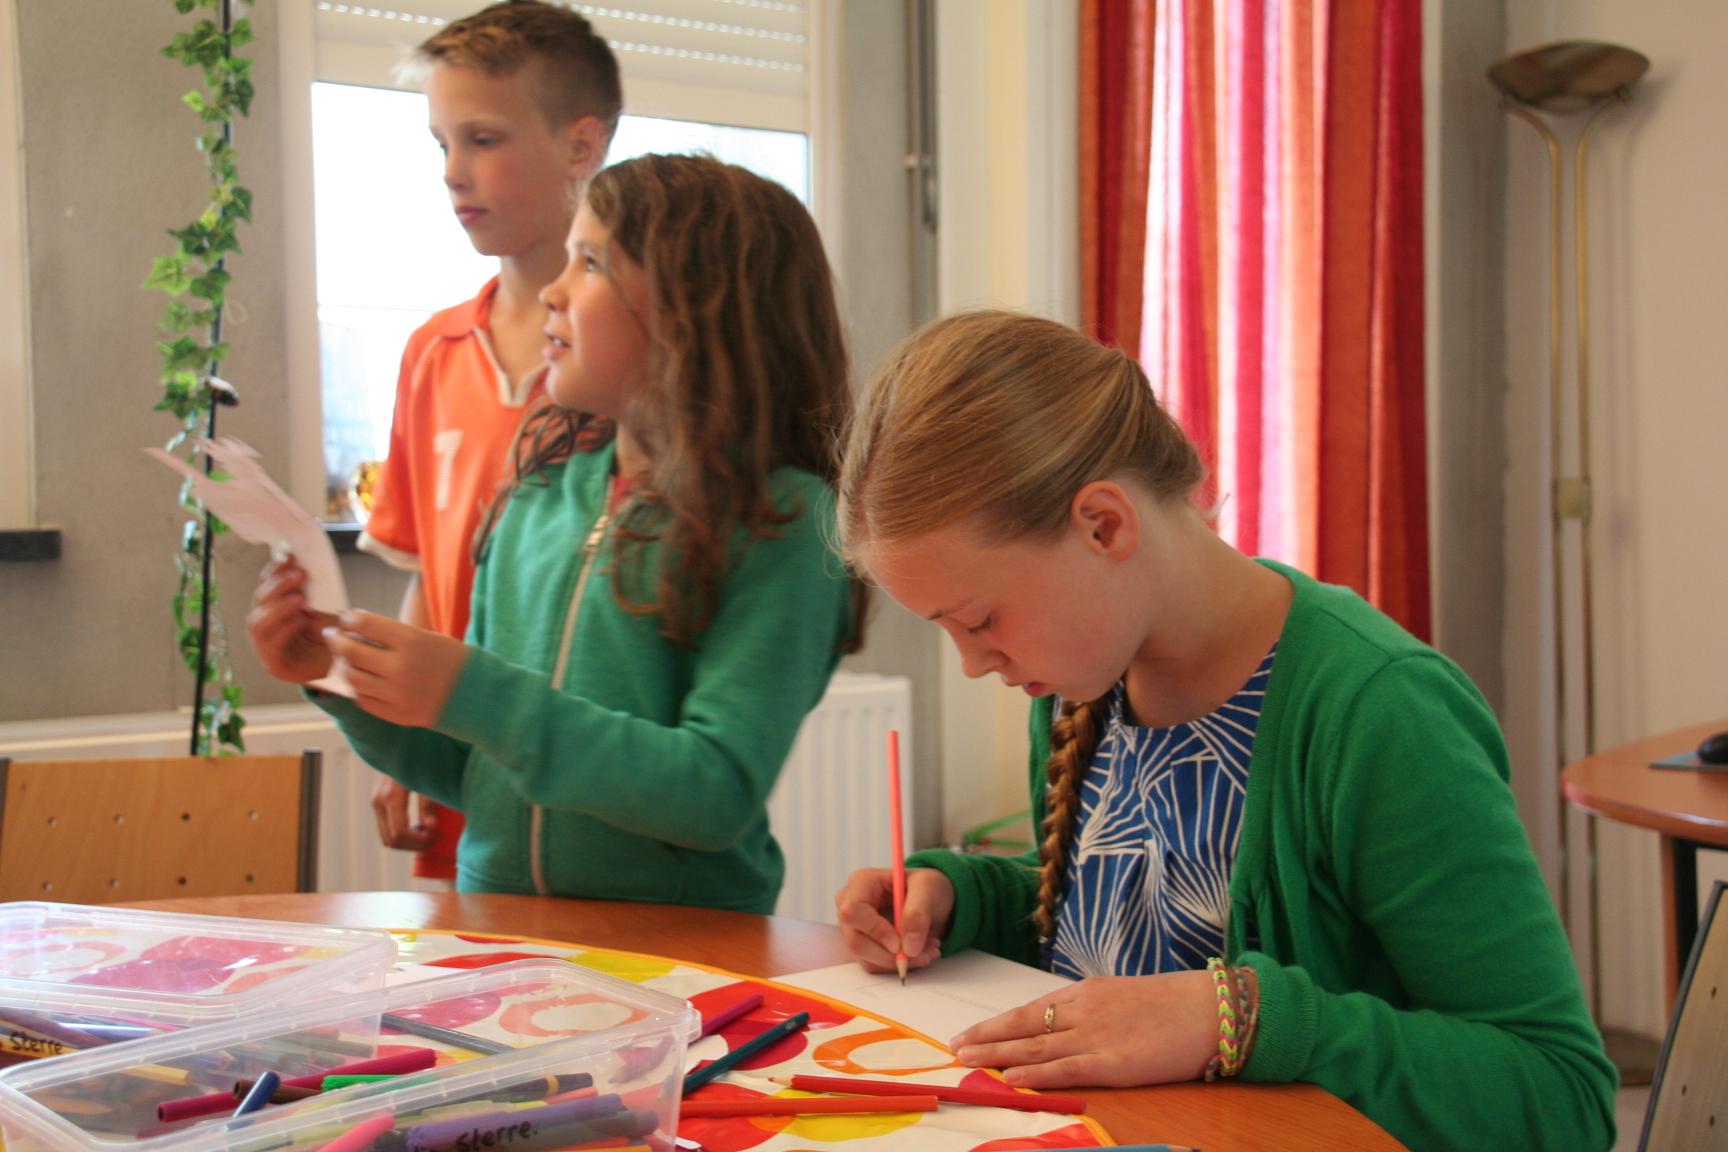 Workshop in Cultuurpand Het Paleis.